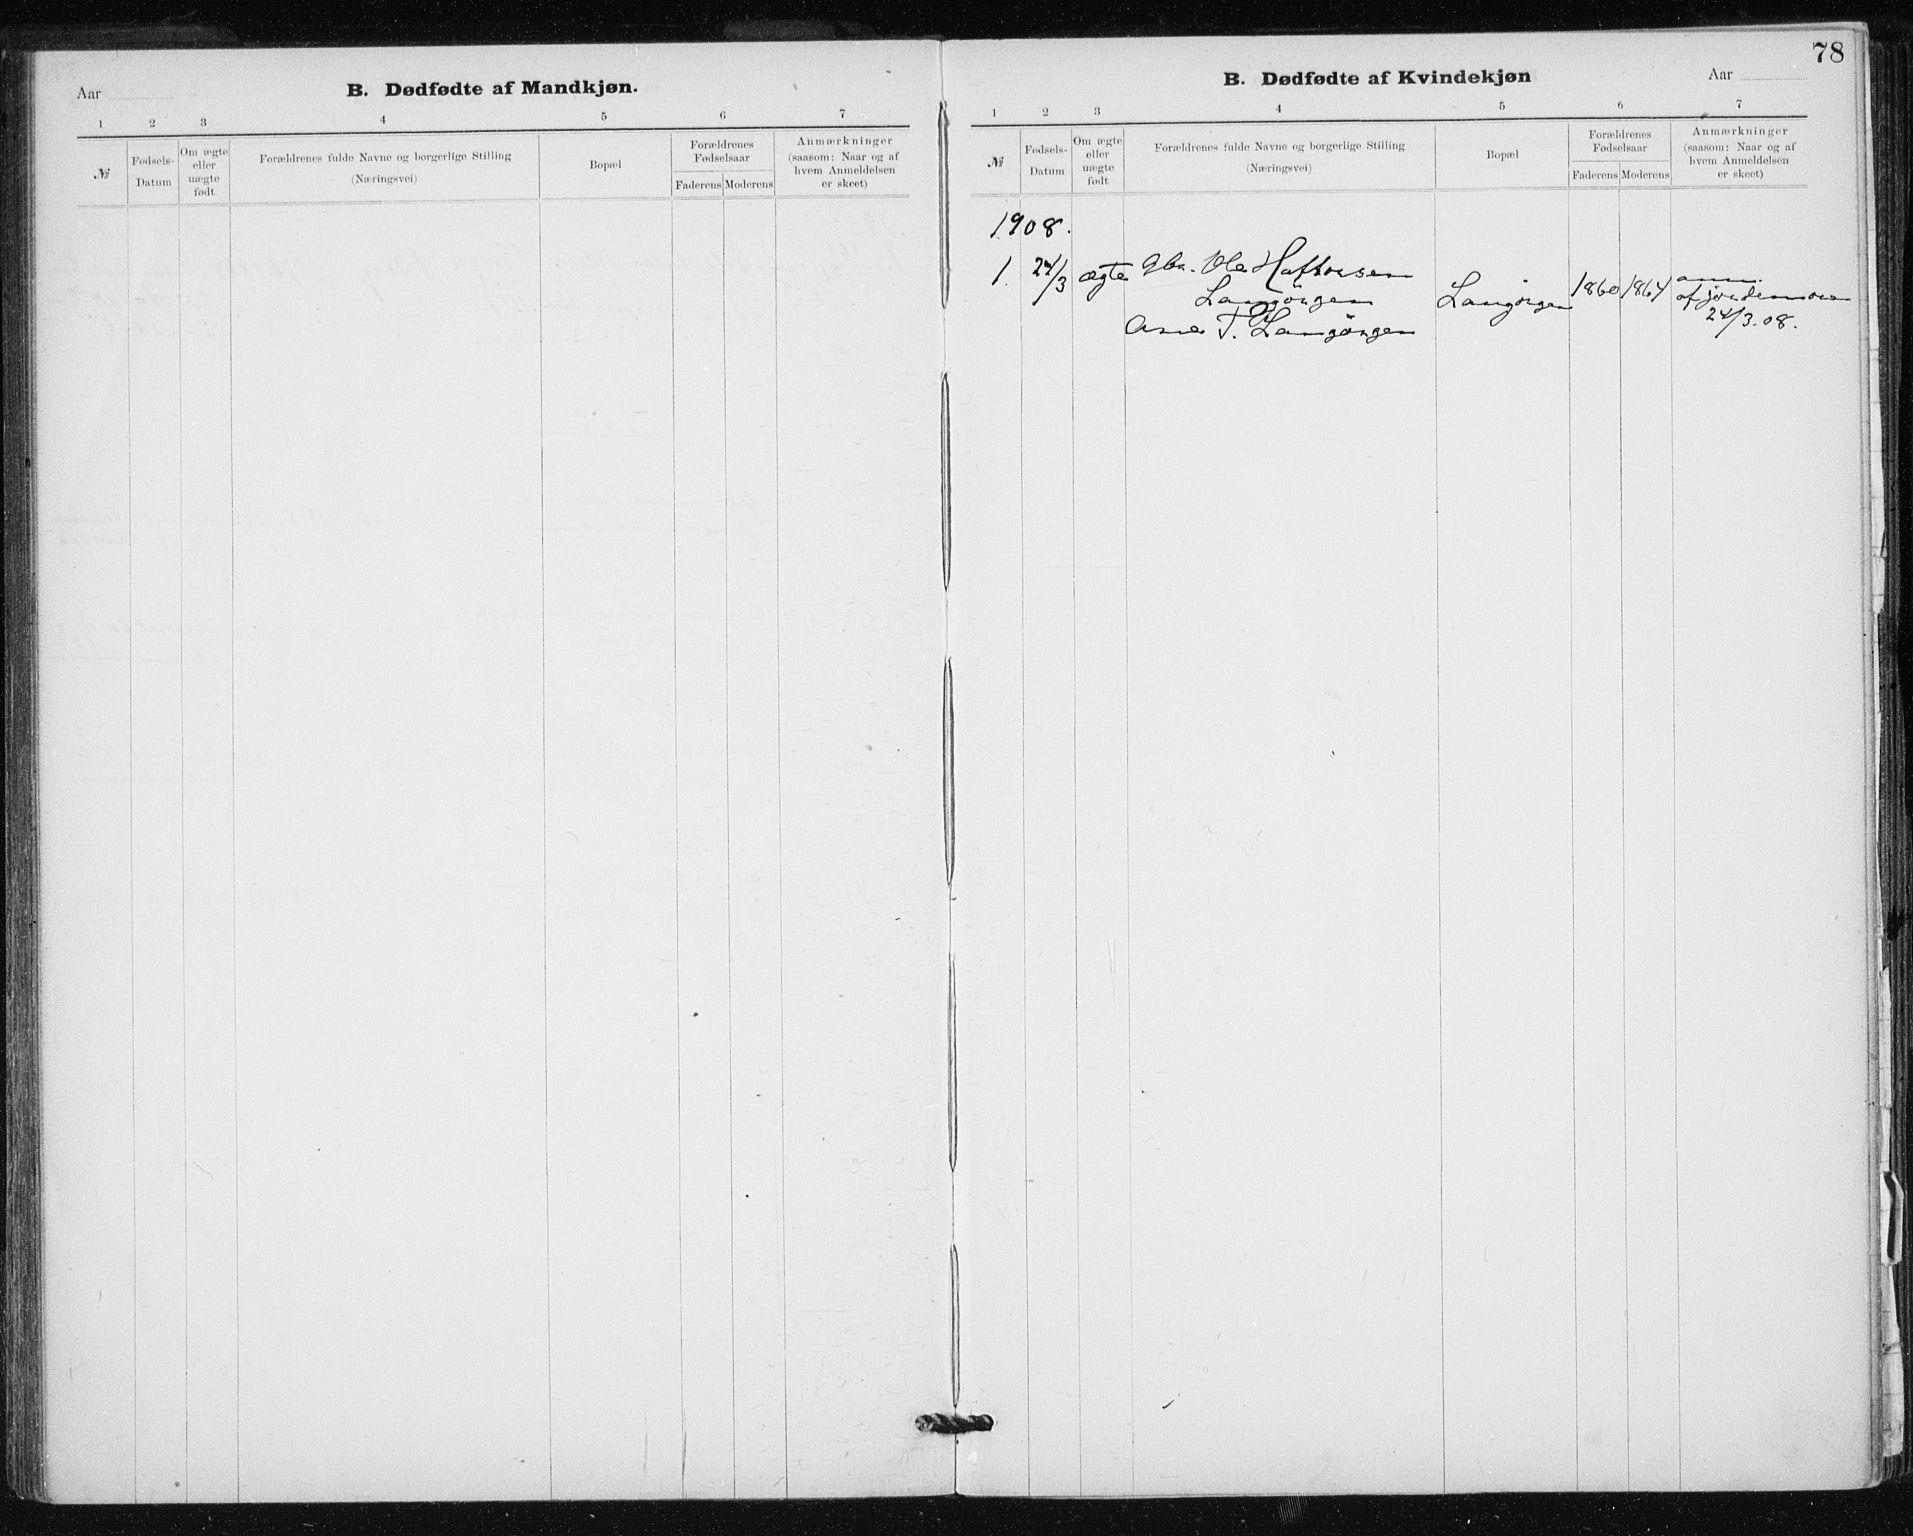 SAT, Ministerialprotokoller, klokkerbøker og fødselsregistre - Sør-Trøndelag, 612/L0381: Ministerialbok nr. 612A13, 1907-1923, s. 78